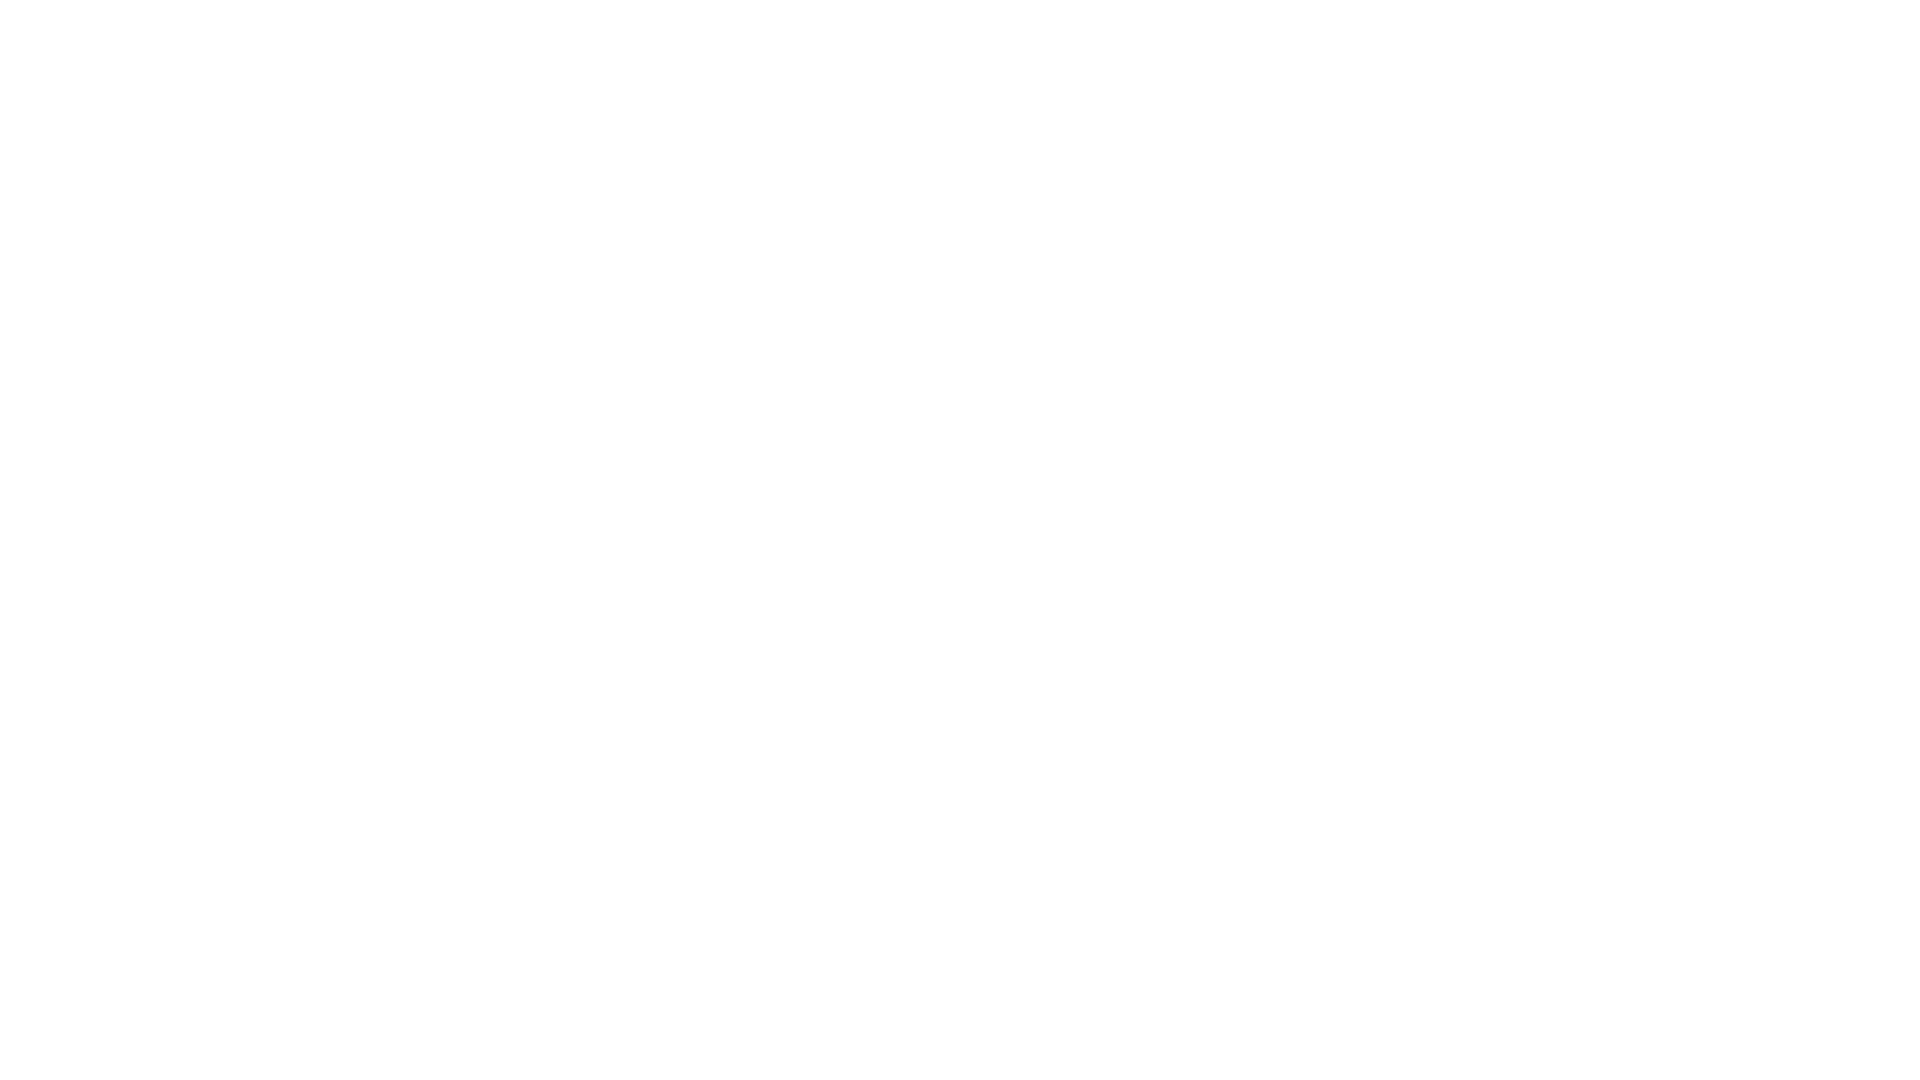 Mission to Modernize 2019